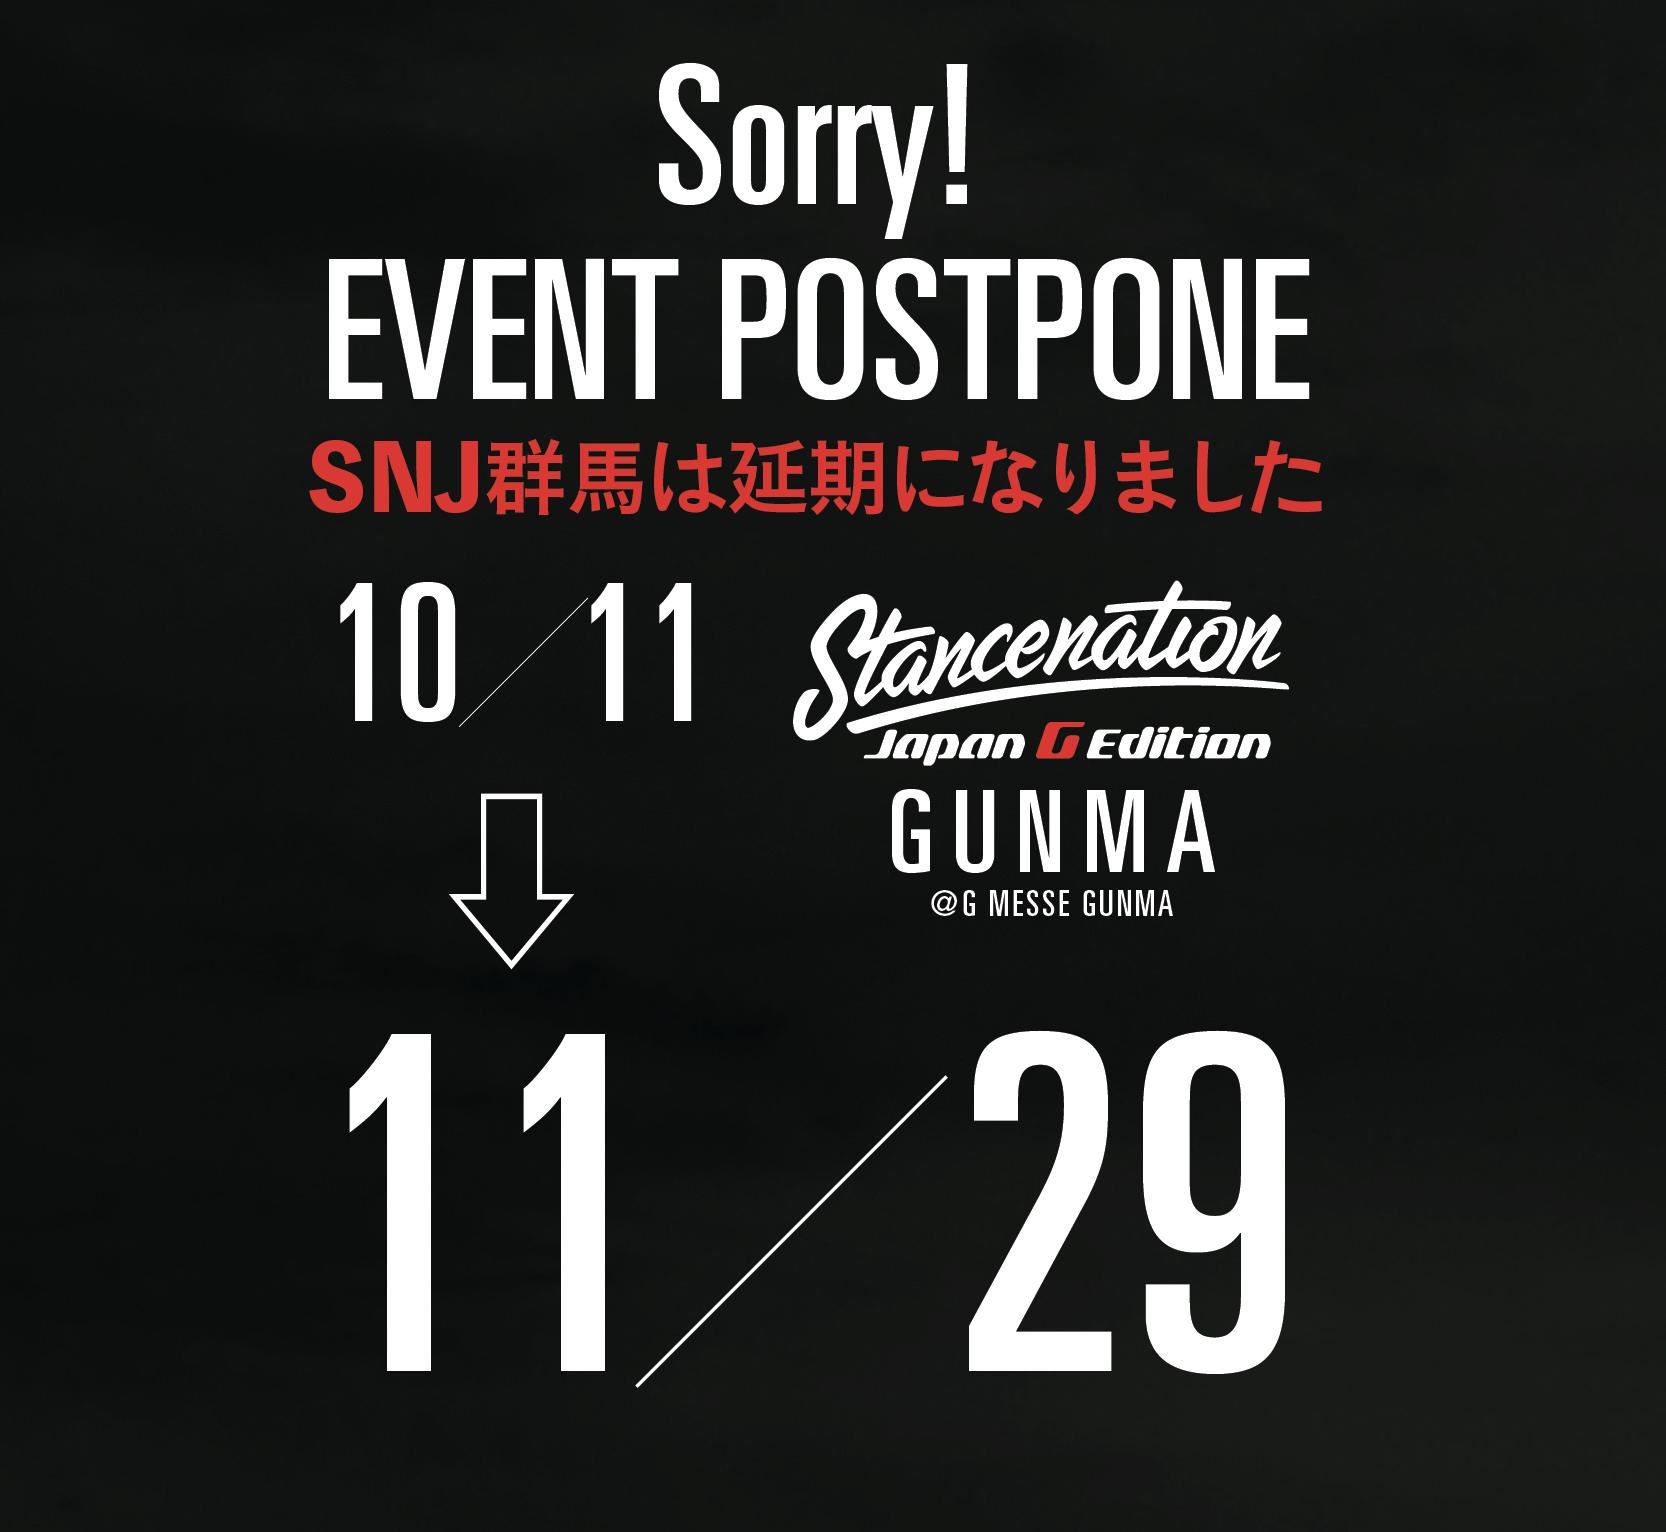 【台風で11/29に延期】スタンスネイション ジャパン 群馬 (STANCENATION JAPAN GUNMA)